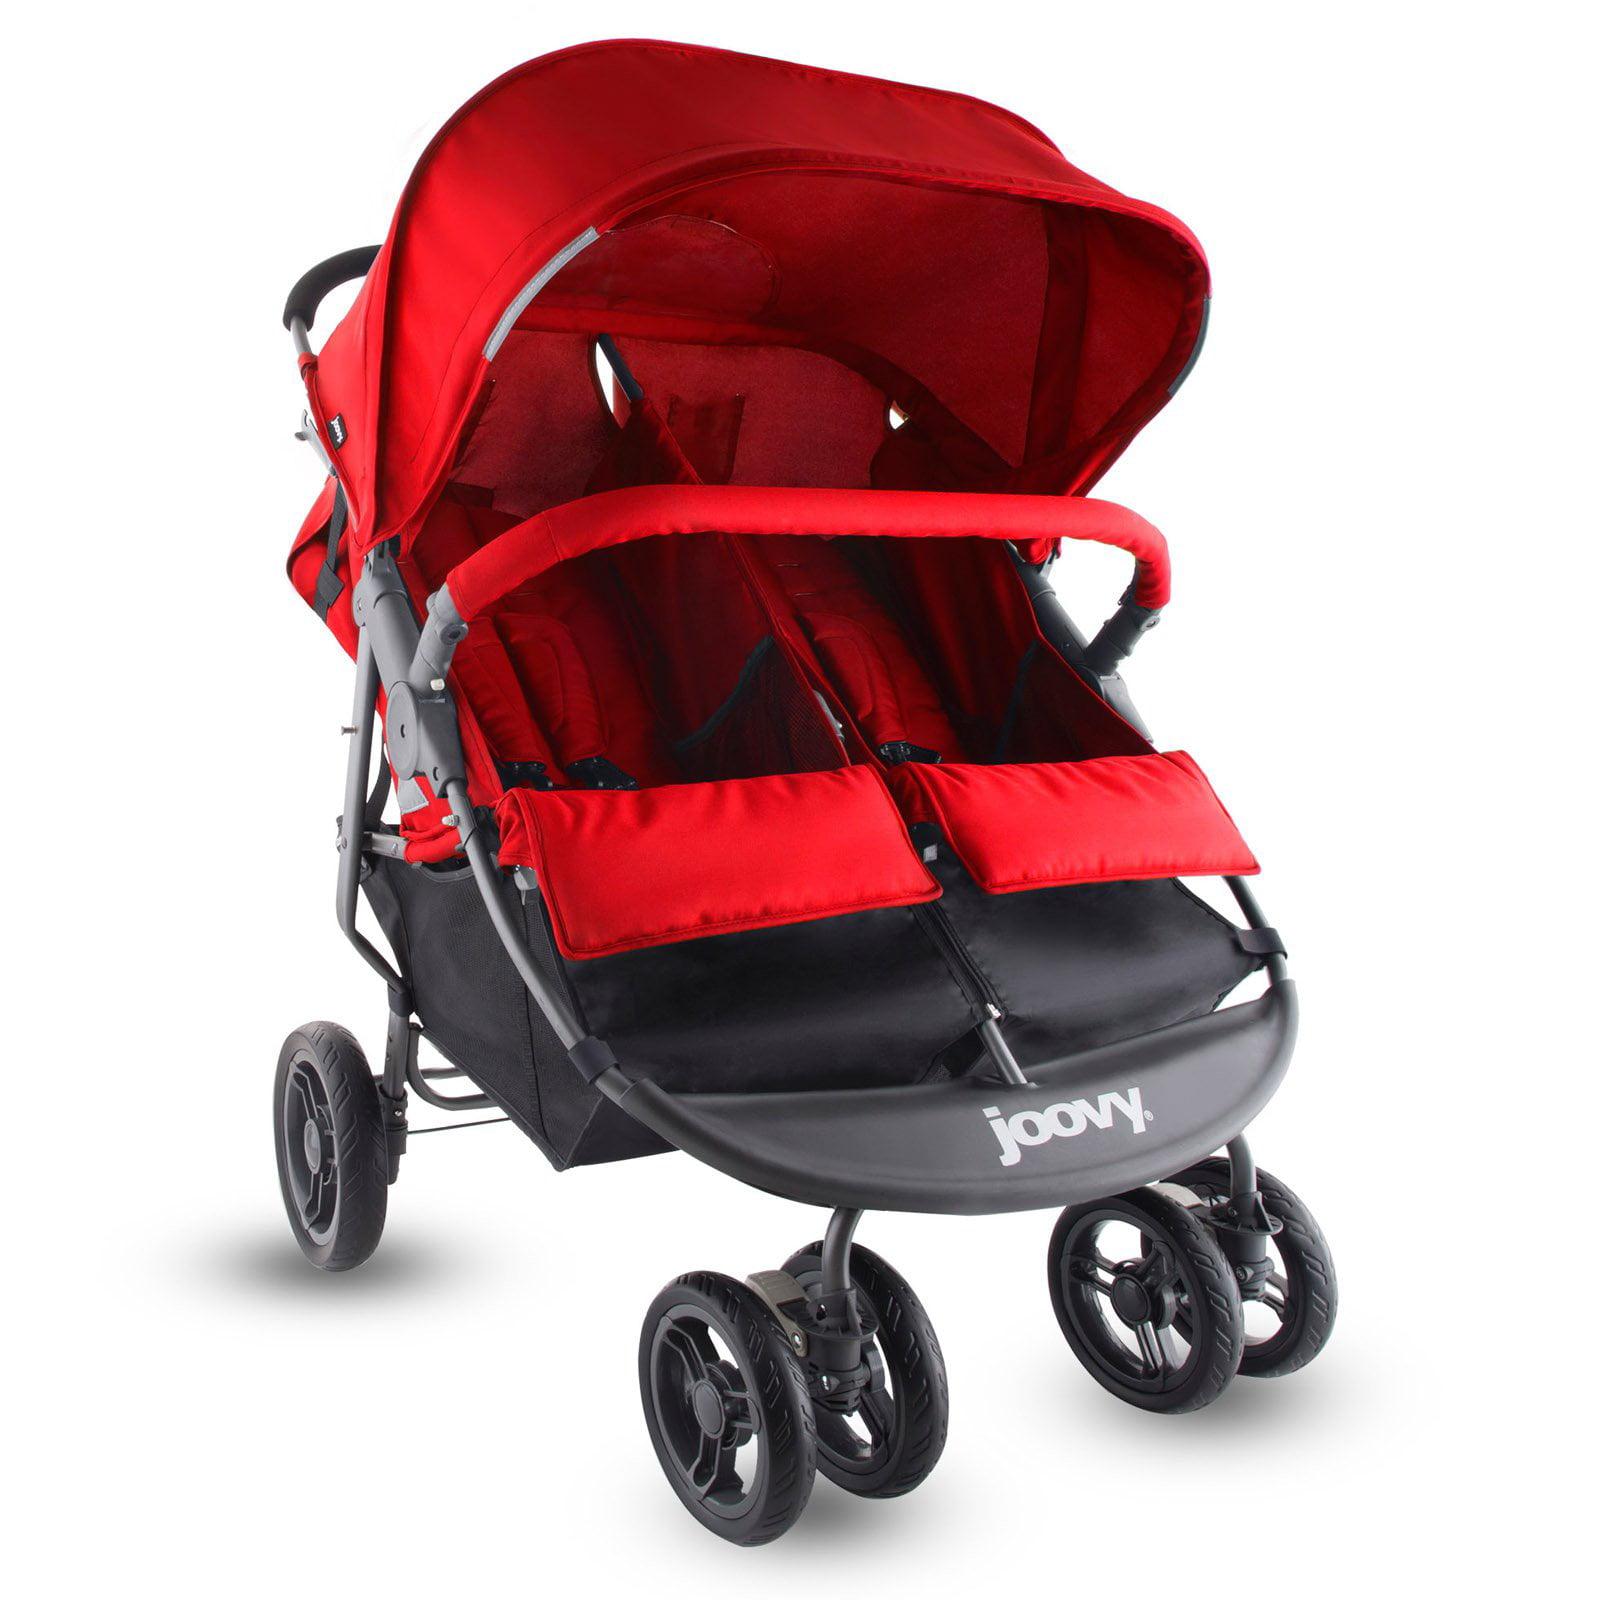 Joovy ScooterX2 Twin Stroller Double Stroller � Red by Joovy